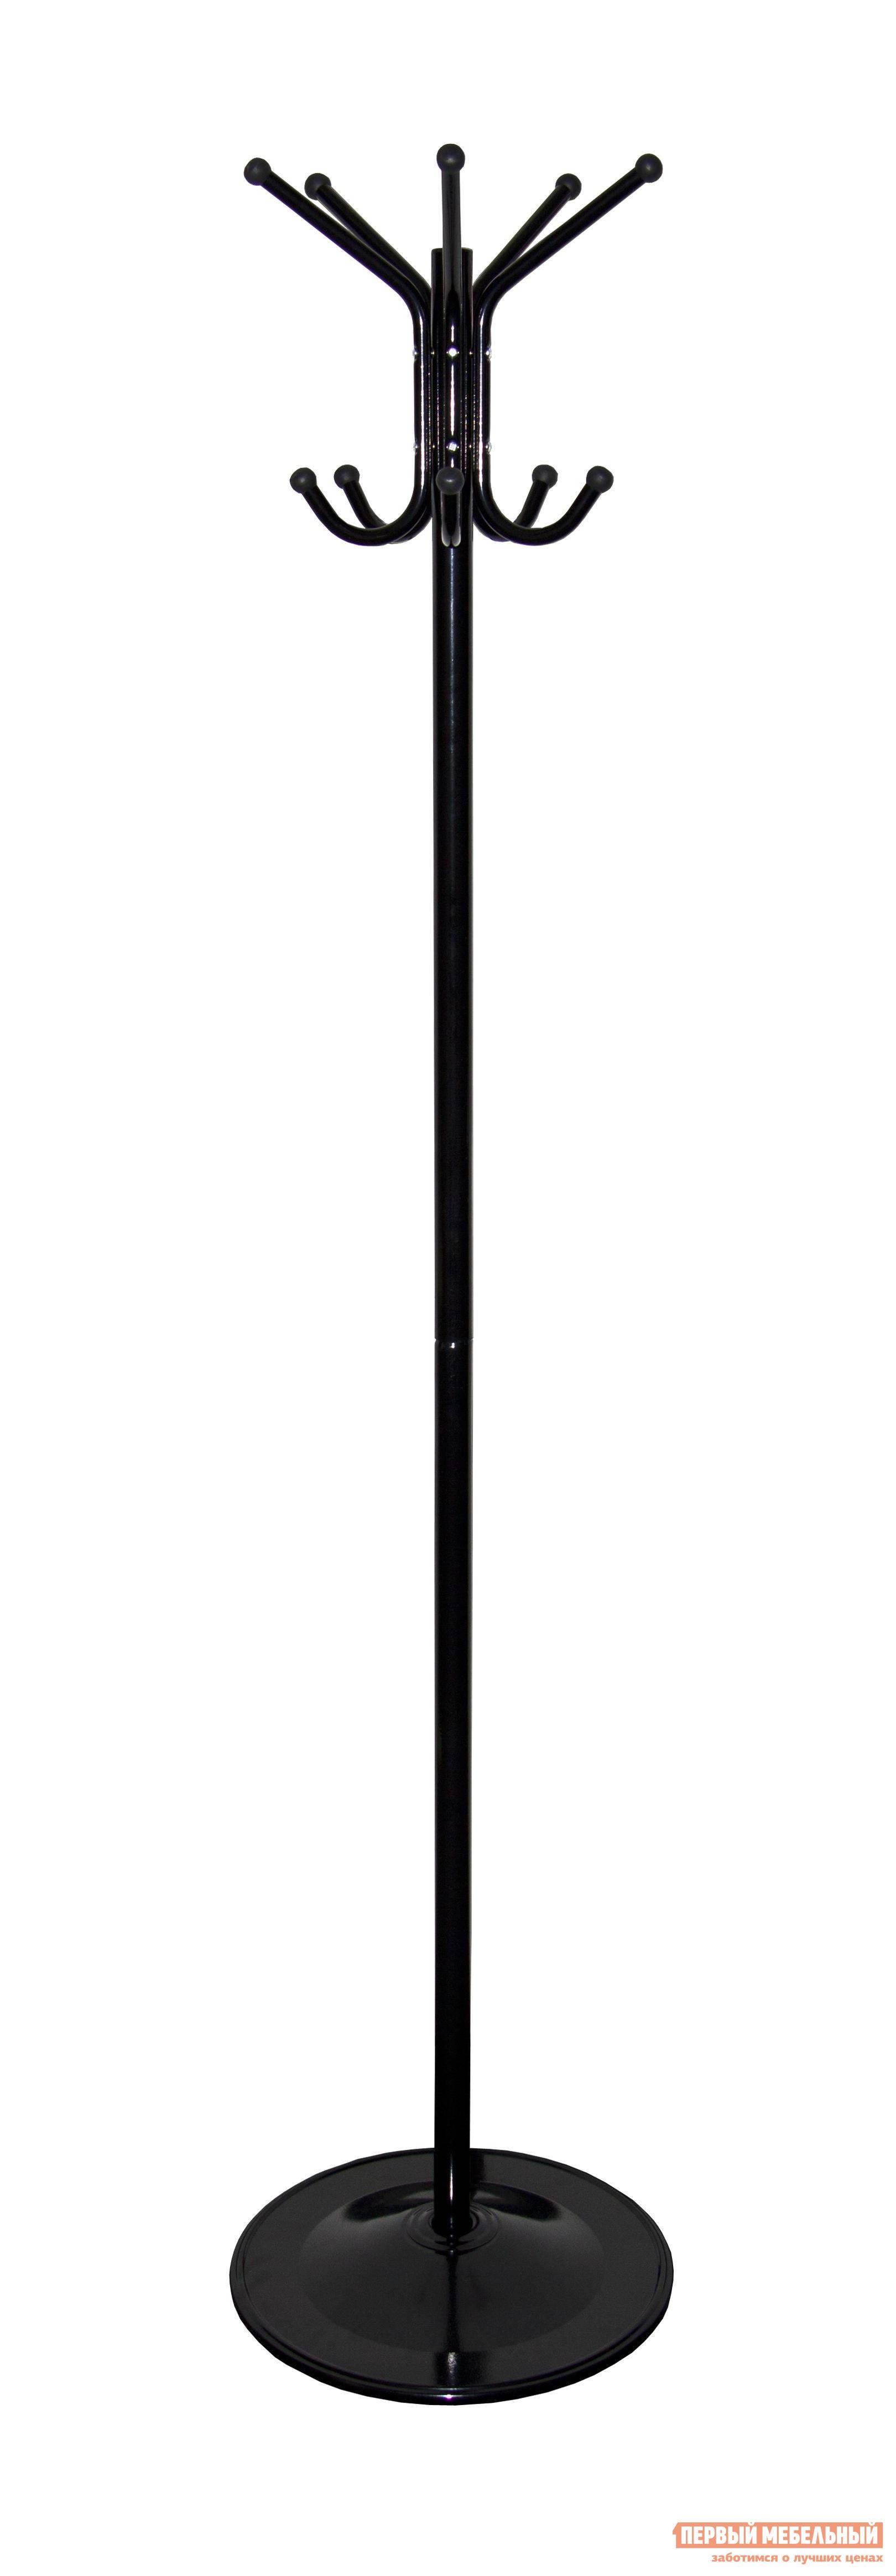 Напольная вешалка для одежды Бюрократ CR-001